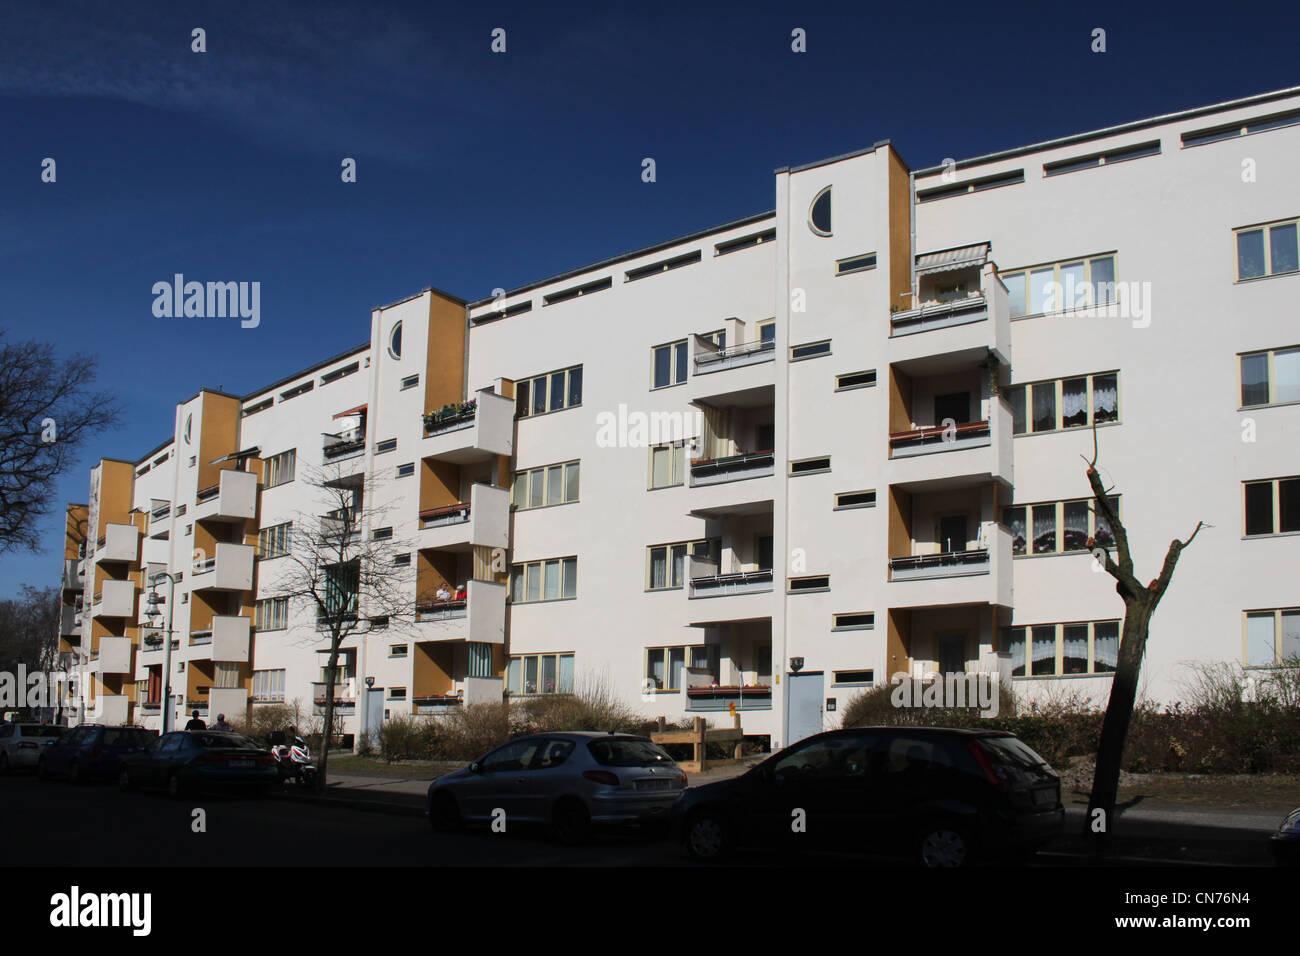 Bauhaus Pankow berlin modernism housing estate stock photos berlin modernism